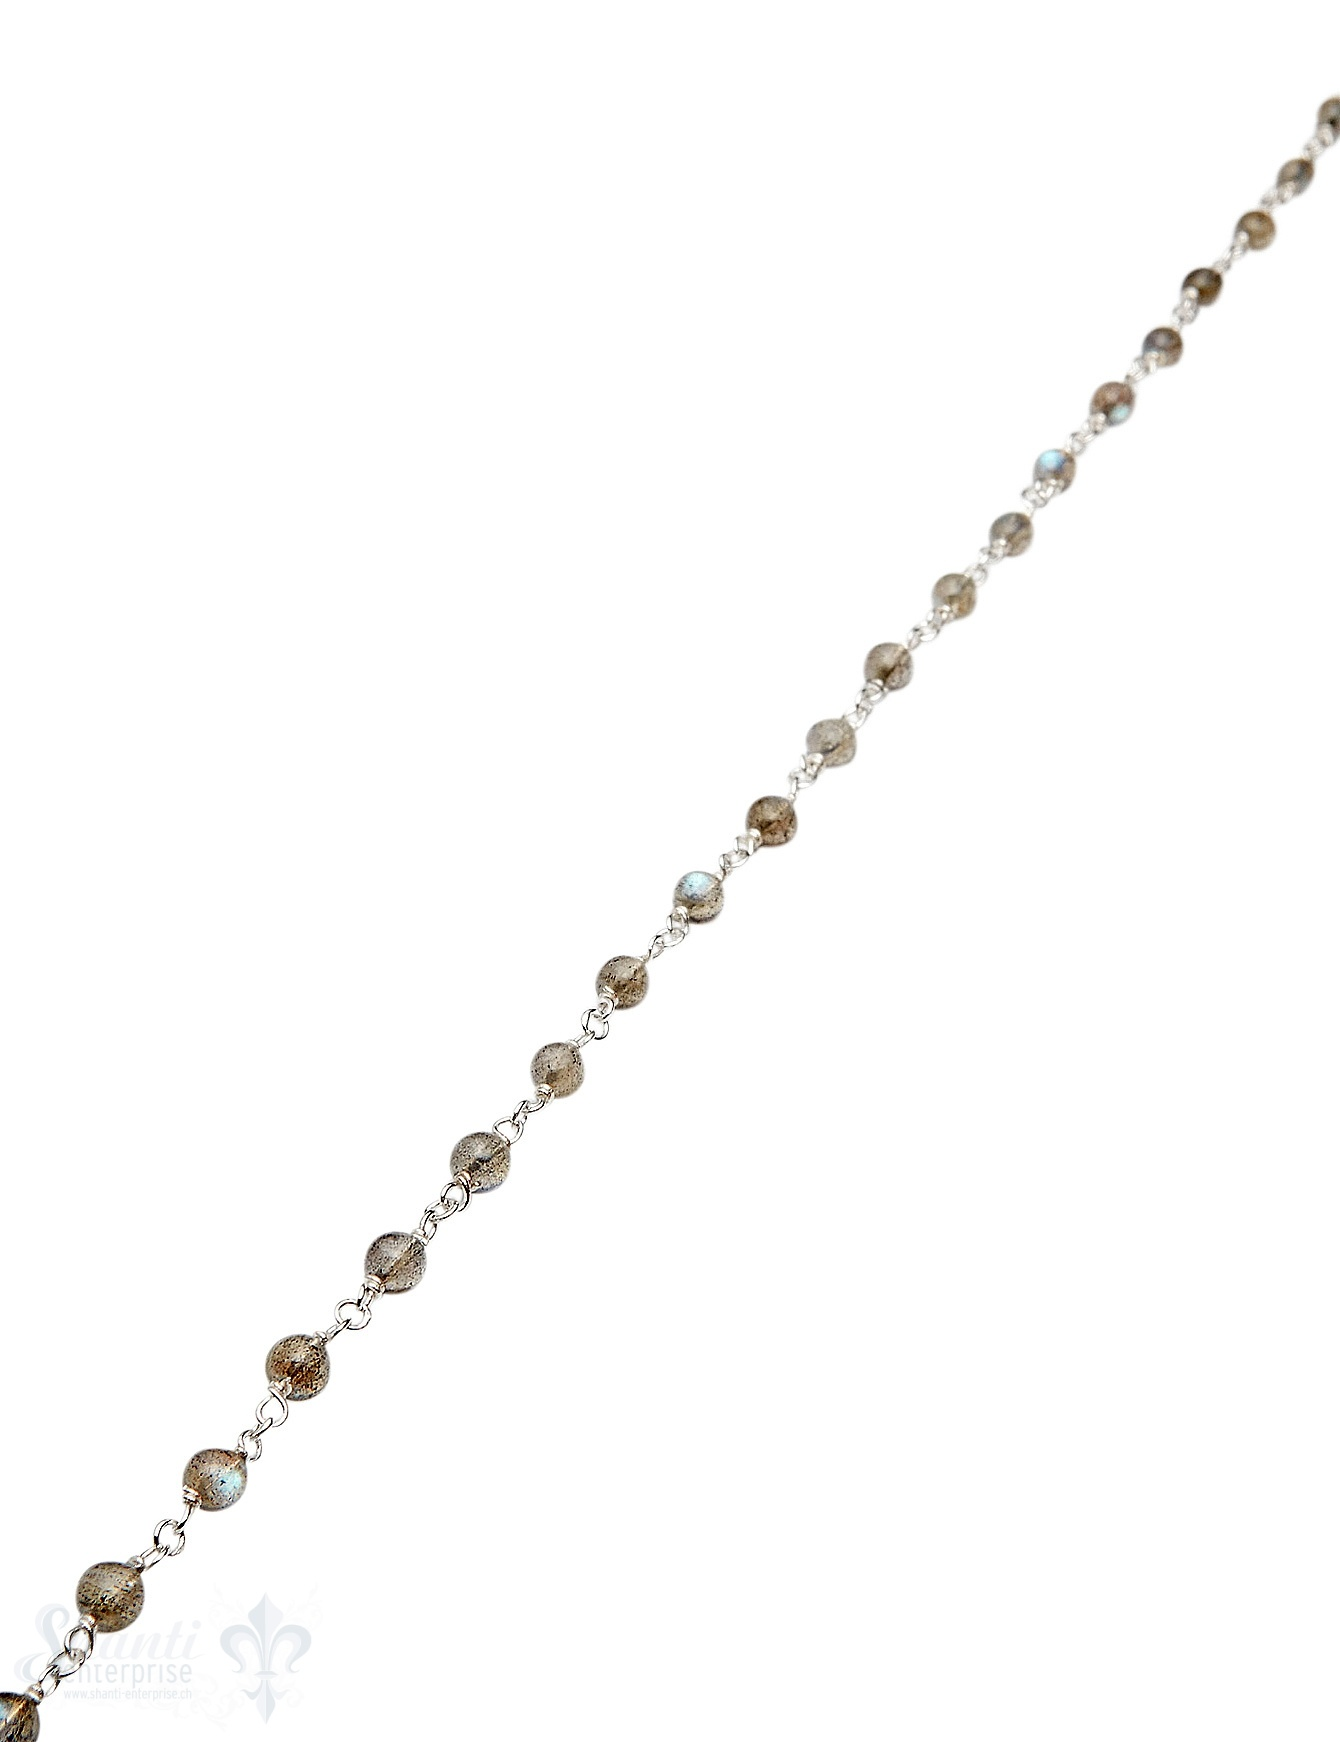 Rosenkranzkette Labradorit grau-blau 4 mm rund